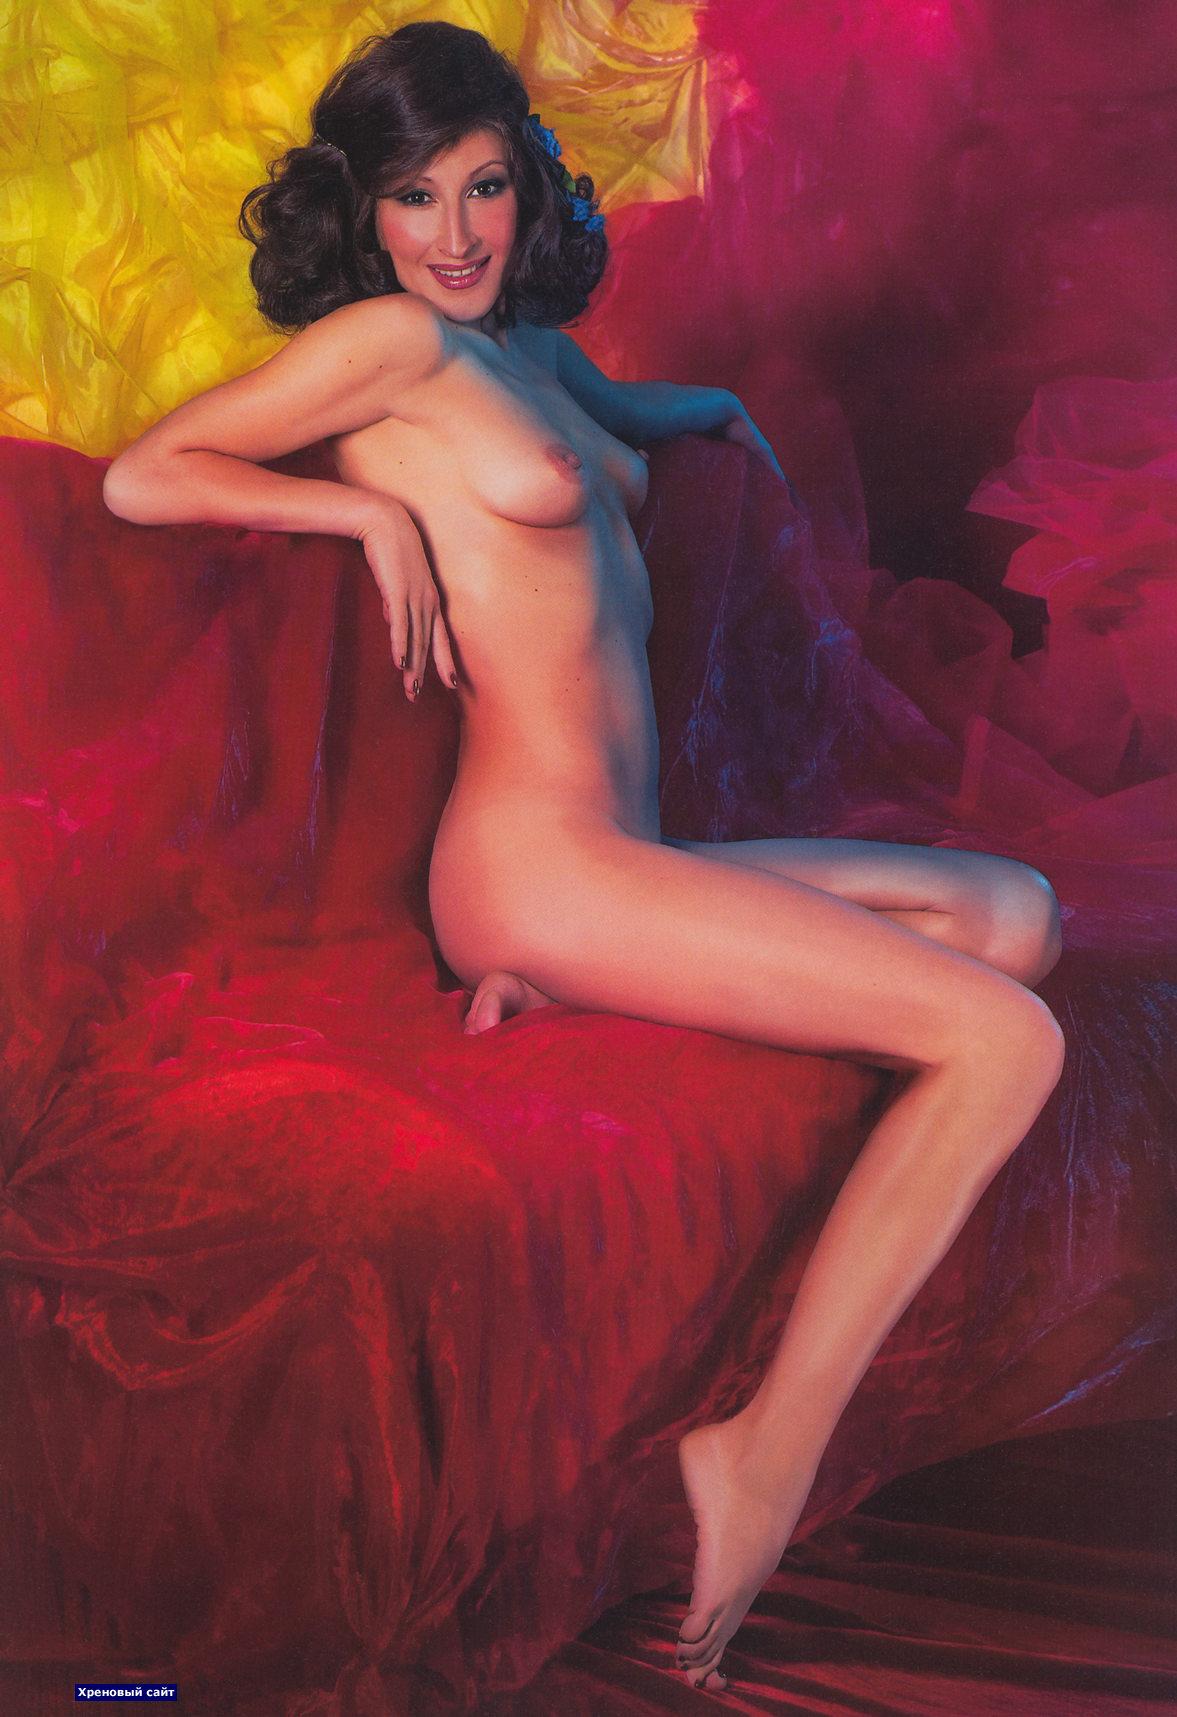 Секс истории марины 1 фотография